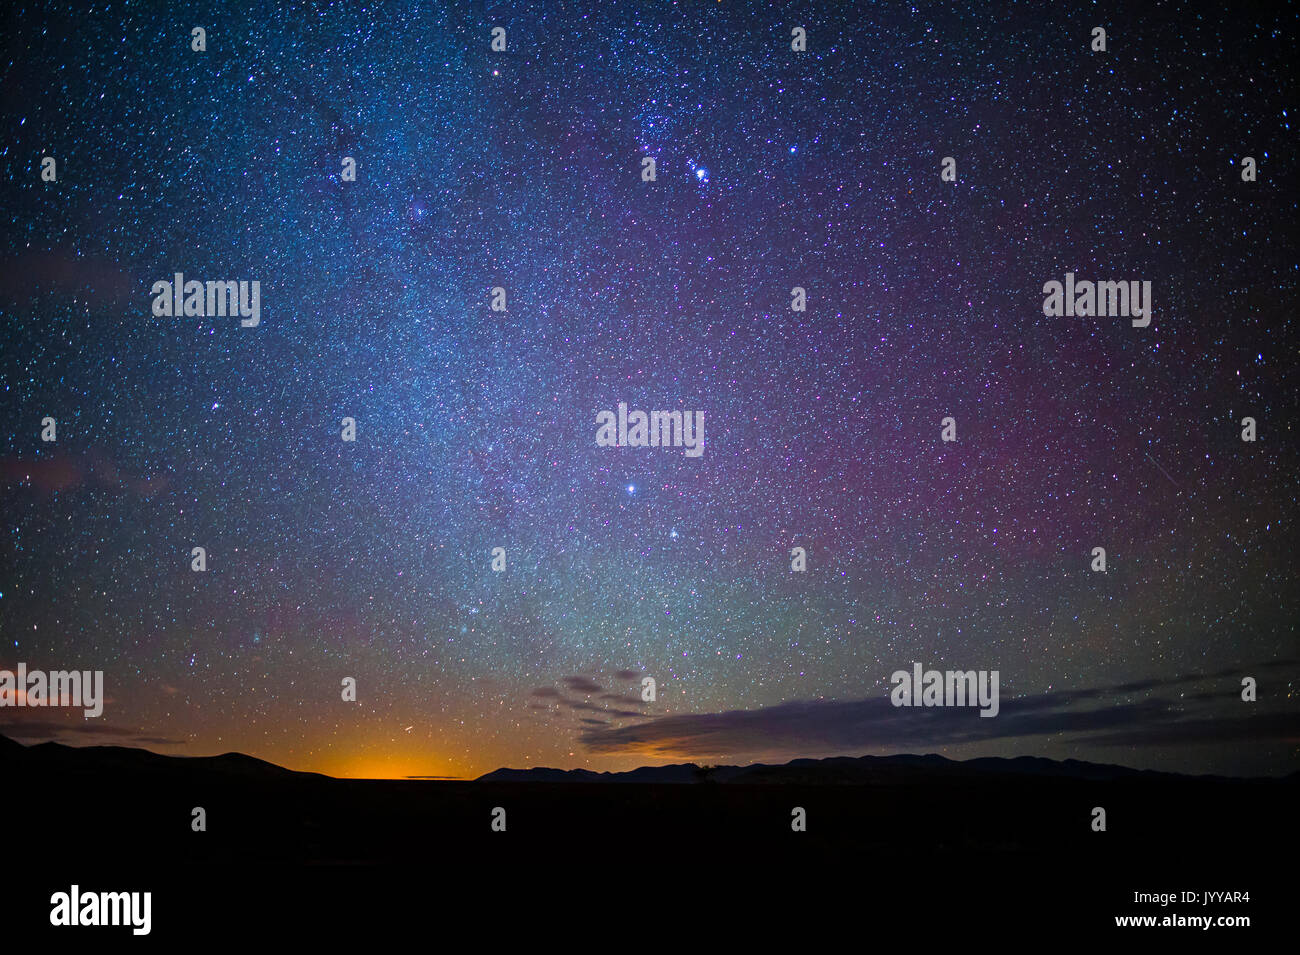 Les étoiles dans le ciel nocturne Photo Stock